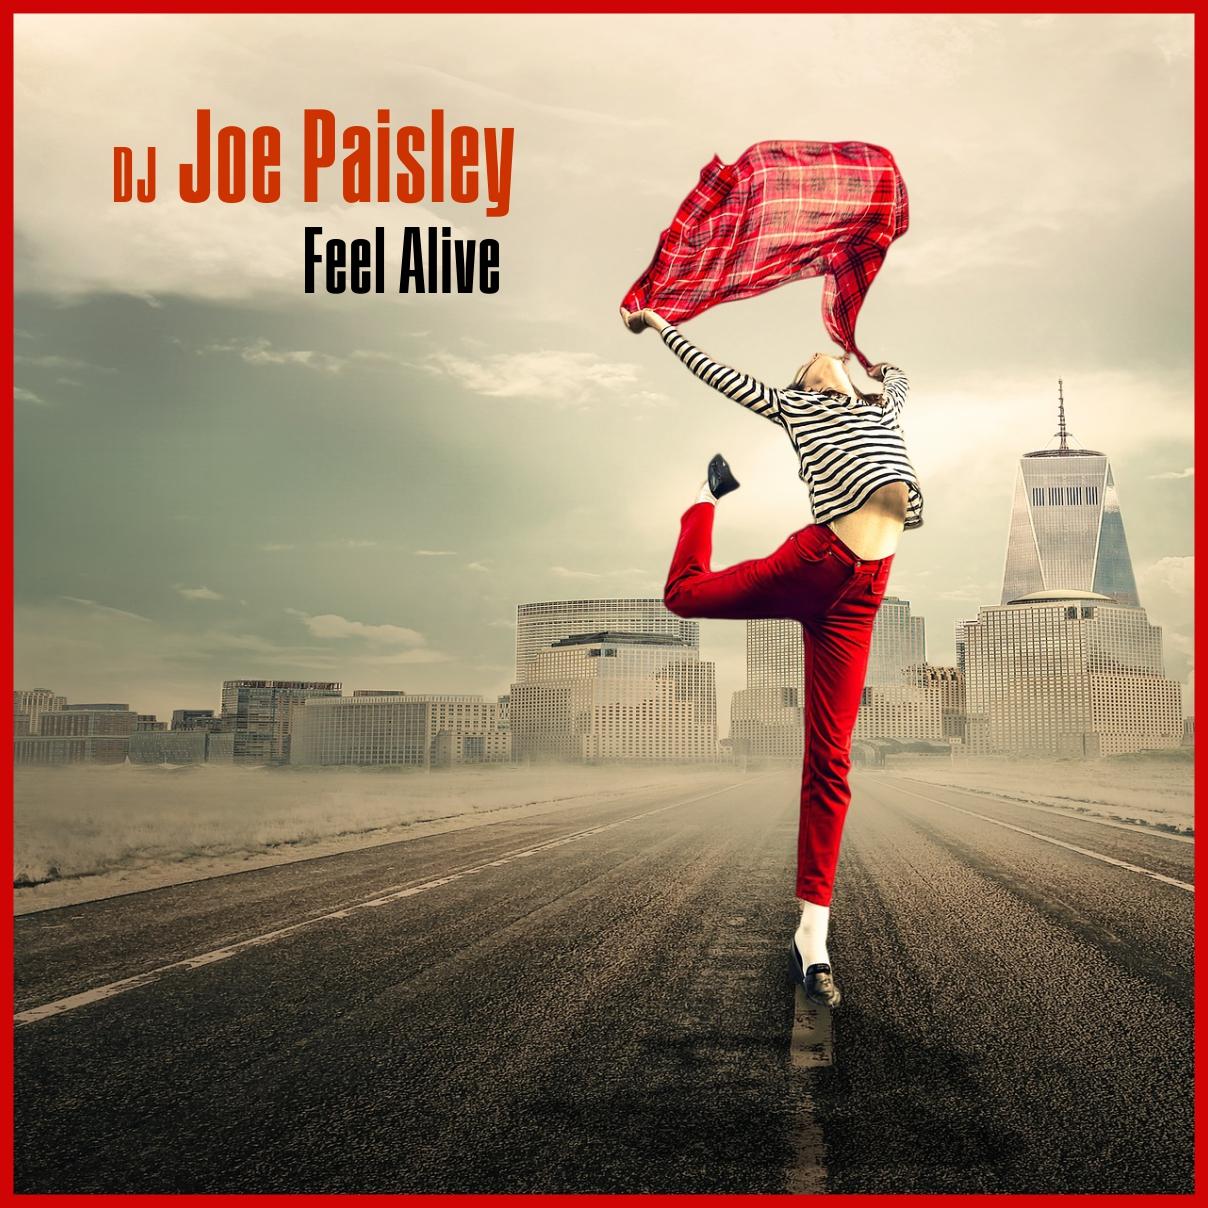 DJ Joe Paisley – Feel Alive